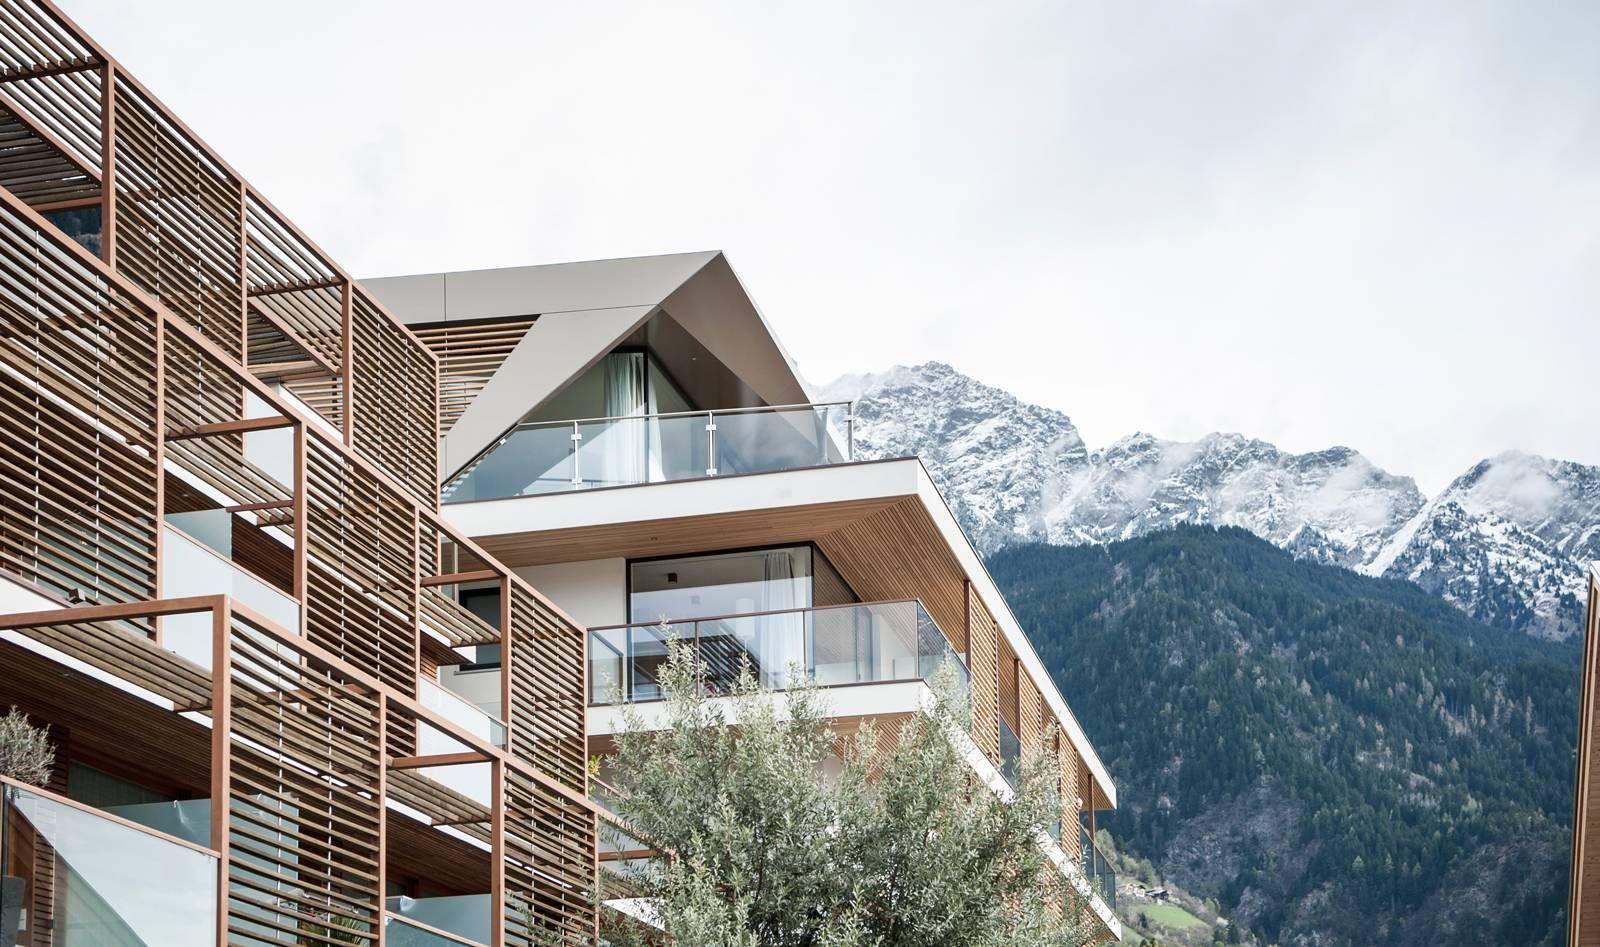 39 hotel burgund 39 auf monovolume architektur design in bozen for Bozen design hotel